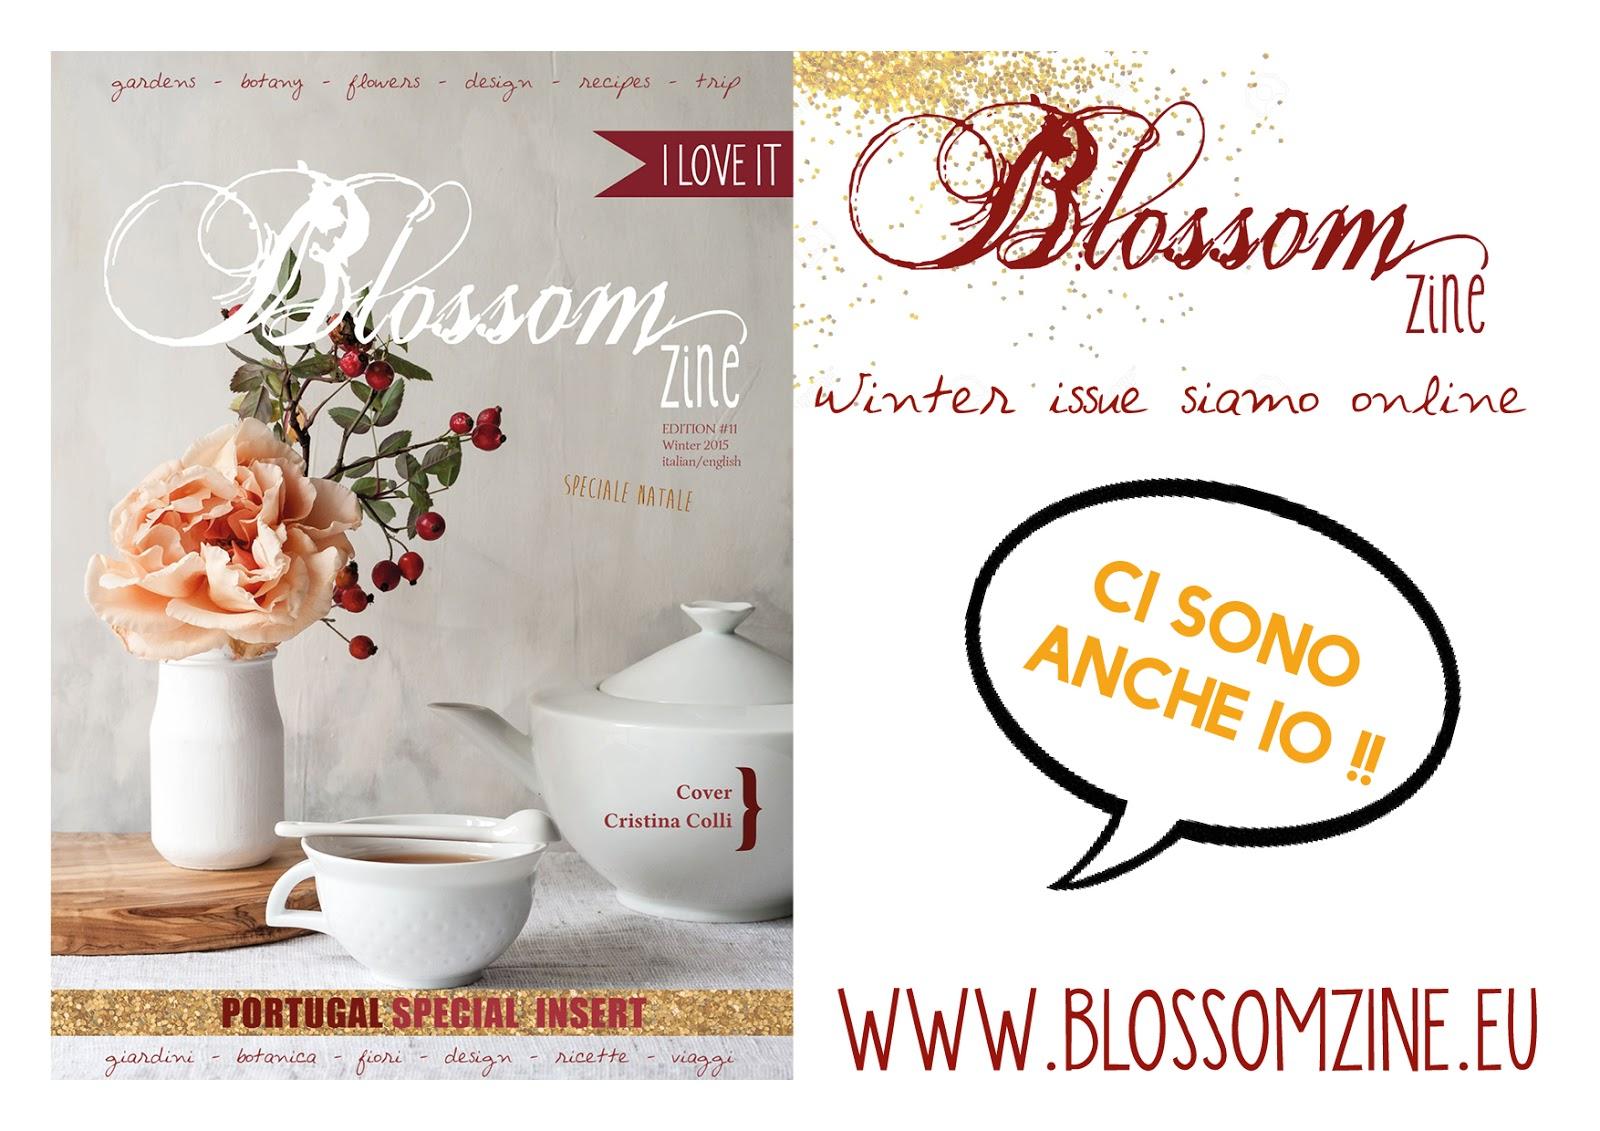 BLOSSOM ZINE WINTER 2015